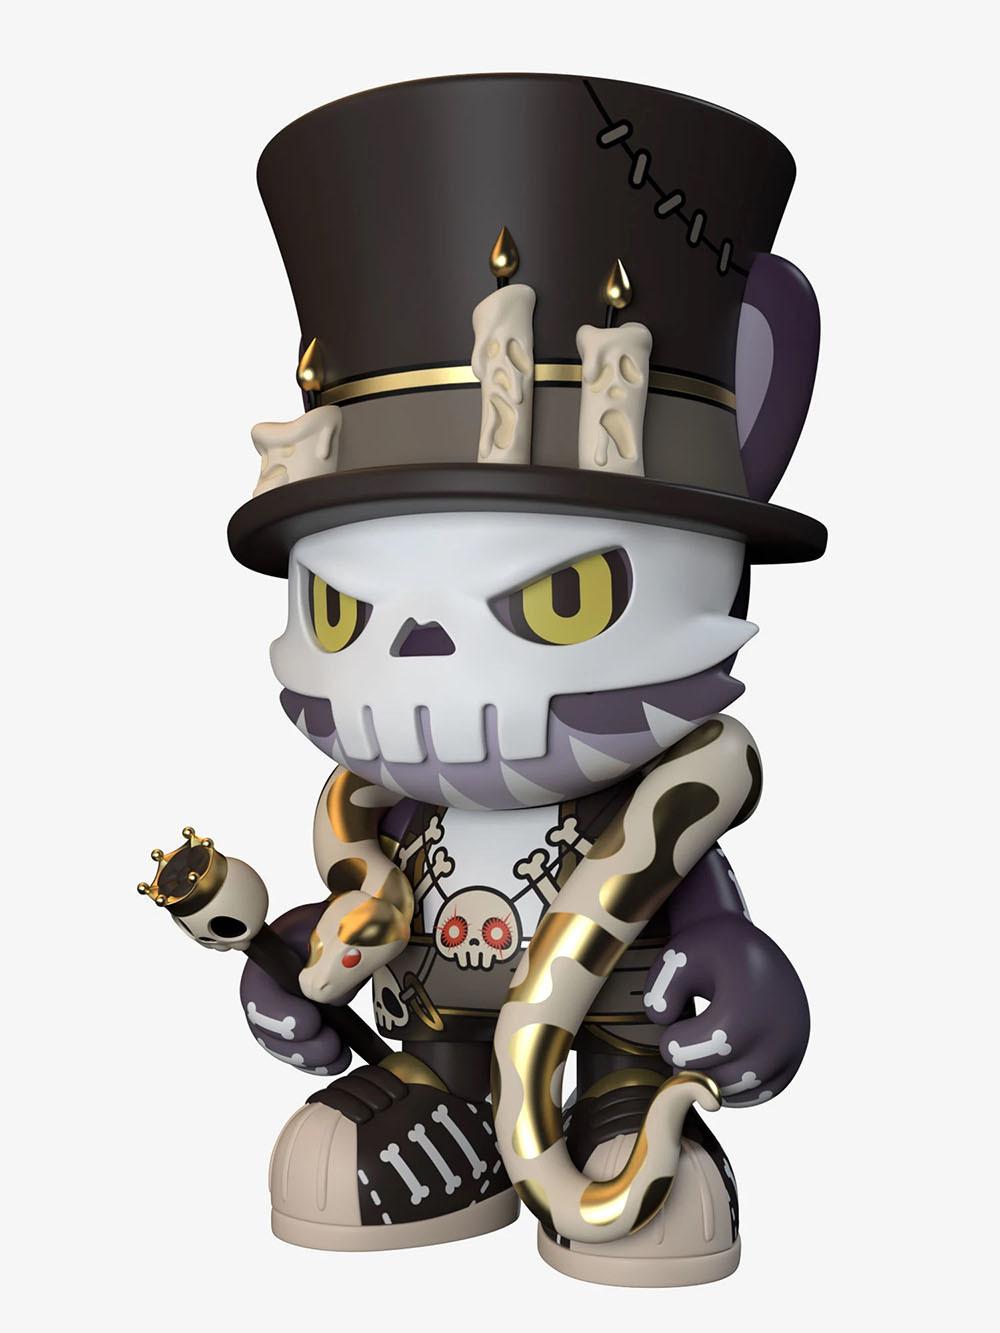 仮面の紳士キング・ジャンキーは12月入荷予定です_a0077842_14065382.jpg